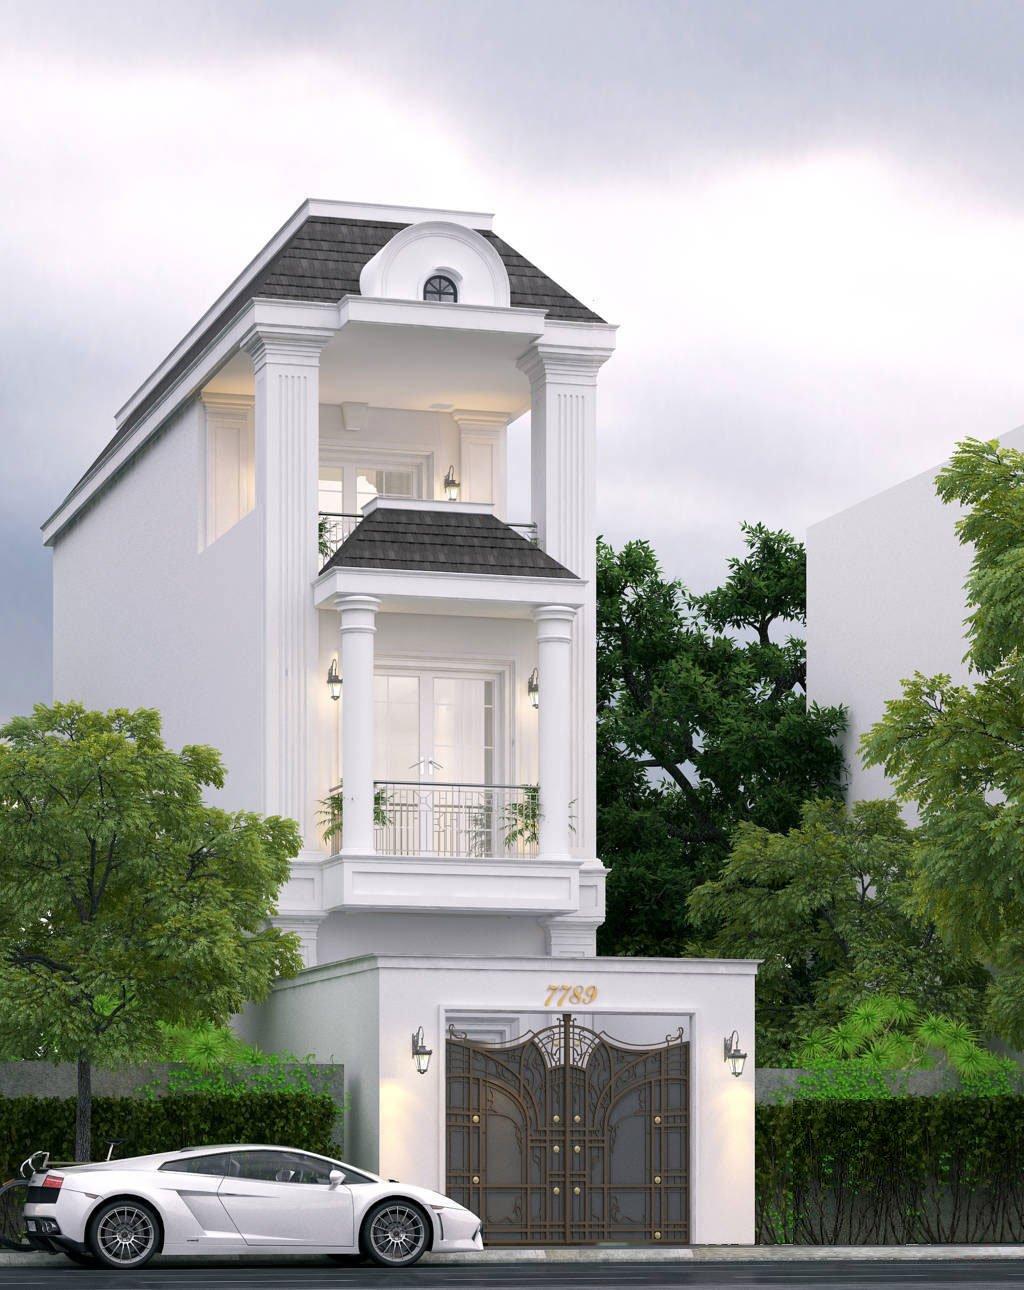 20 mẫu nhà tân cổ điển đẹp xuất sắc được giới kiến trúc đánh giá cao 2